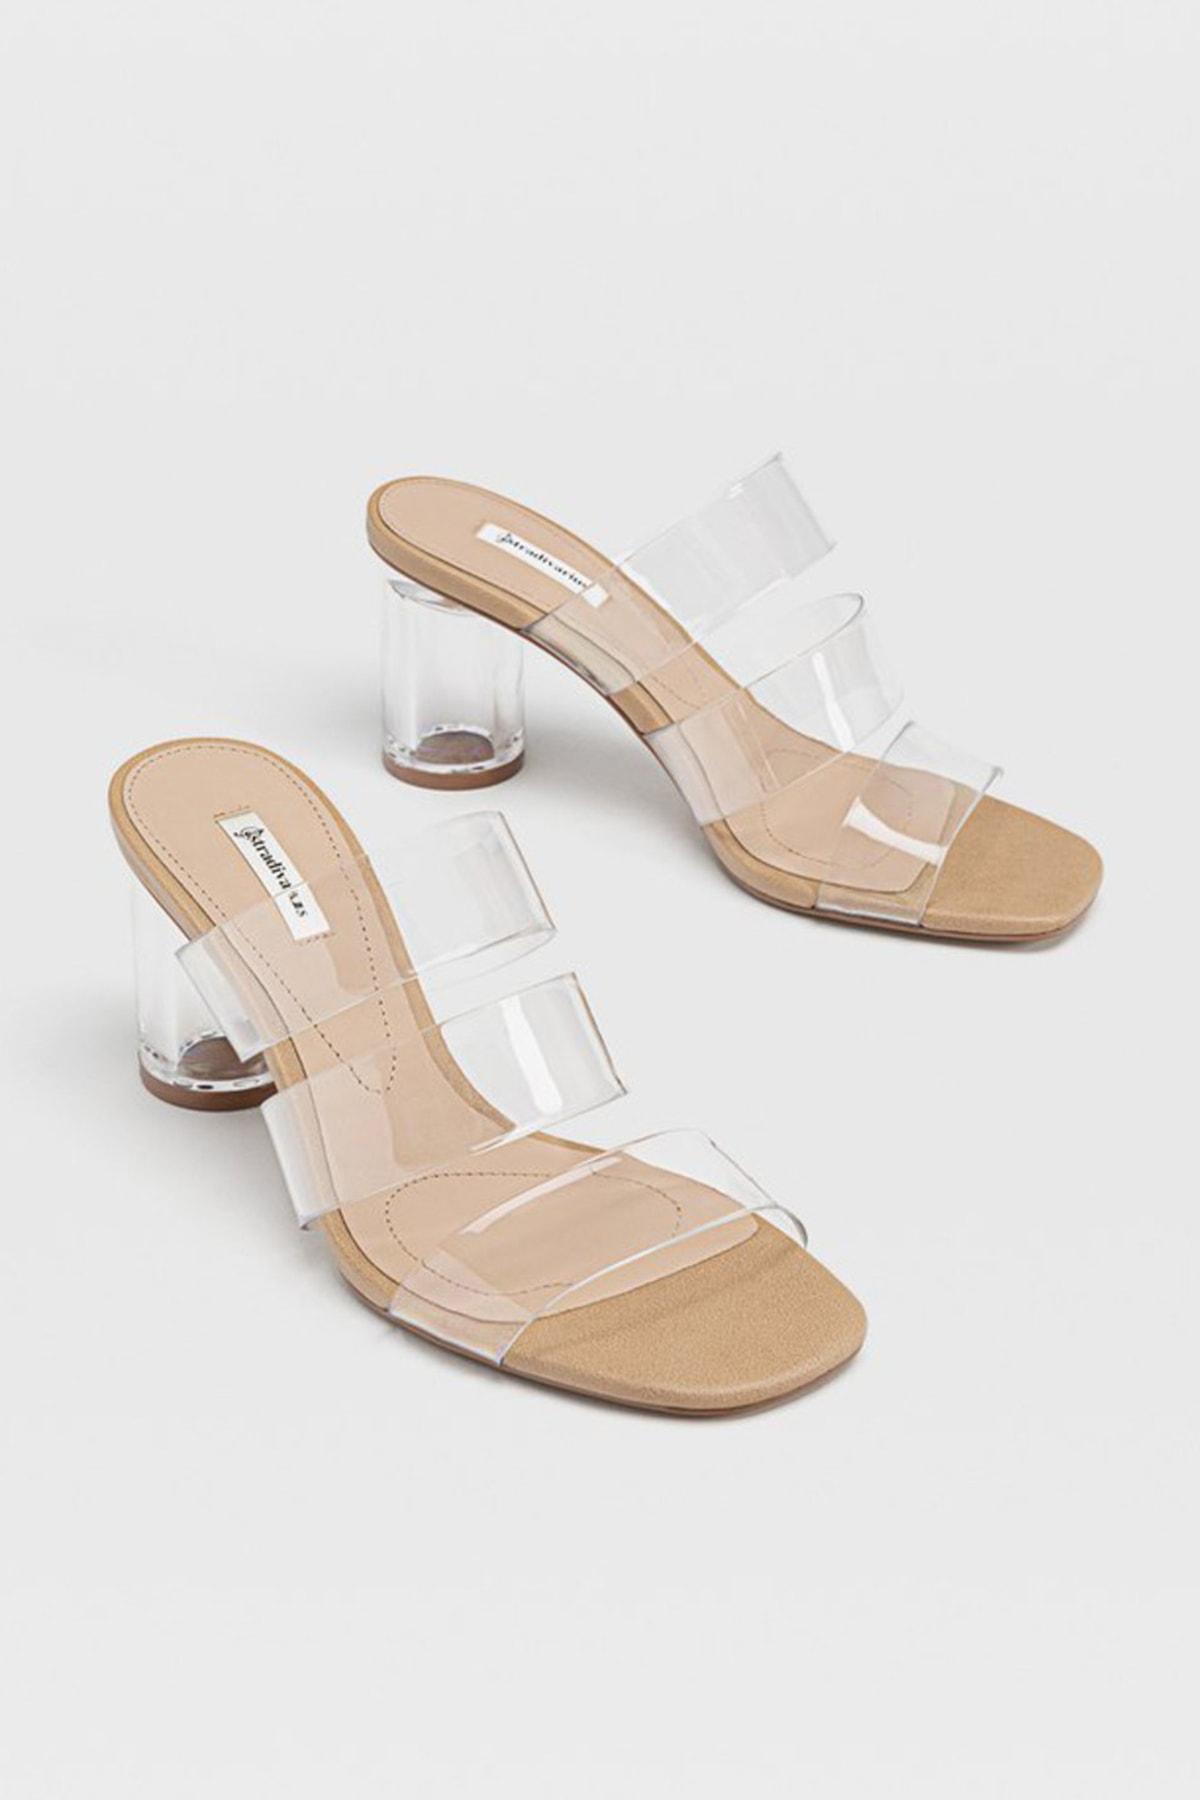 Stradivarius Kadın Kum Rengi Vinil Topuklu Sandalet 19217570 2